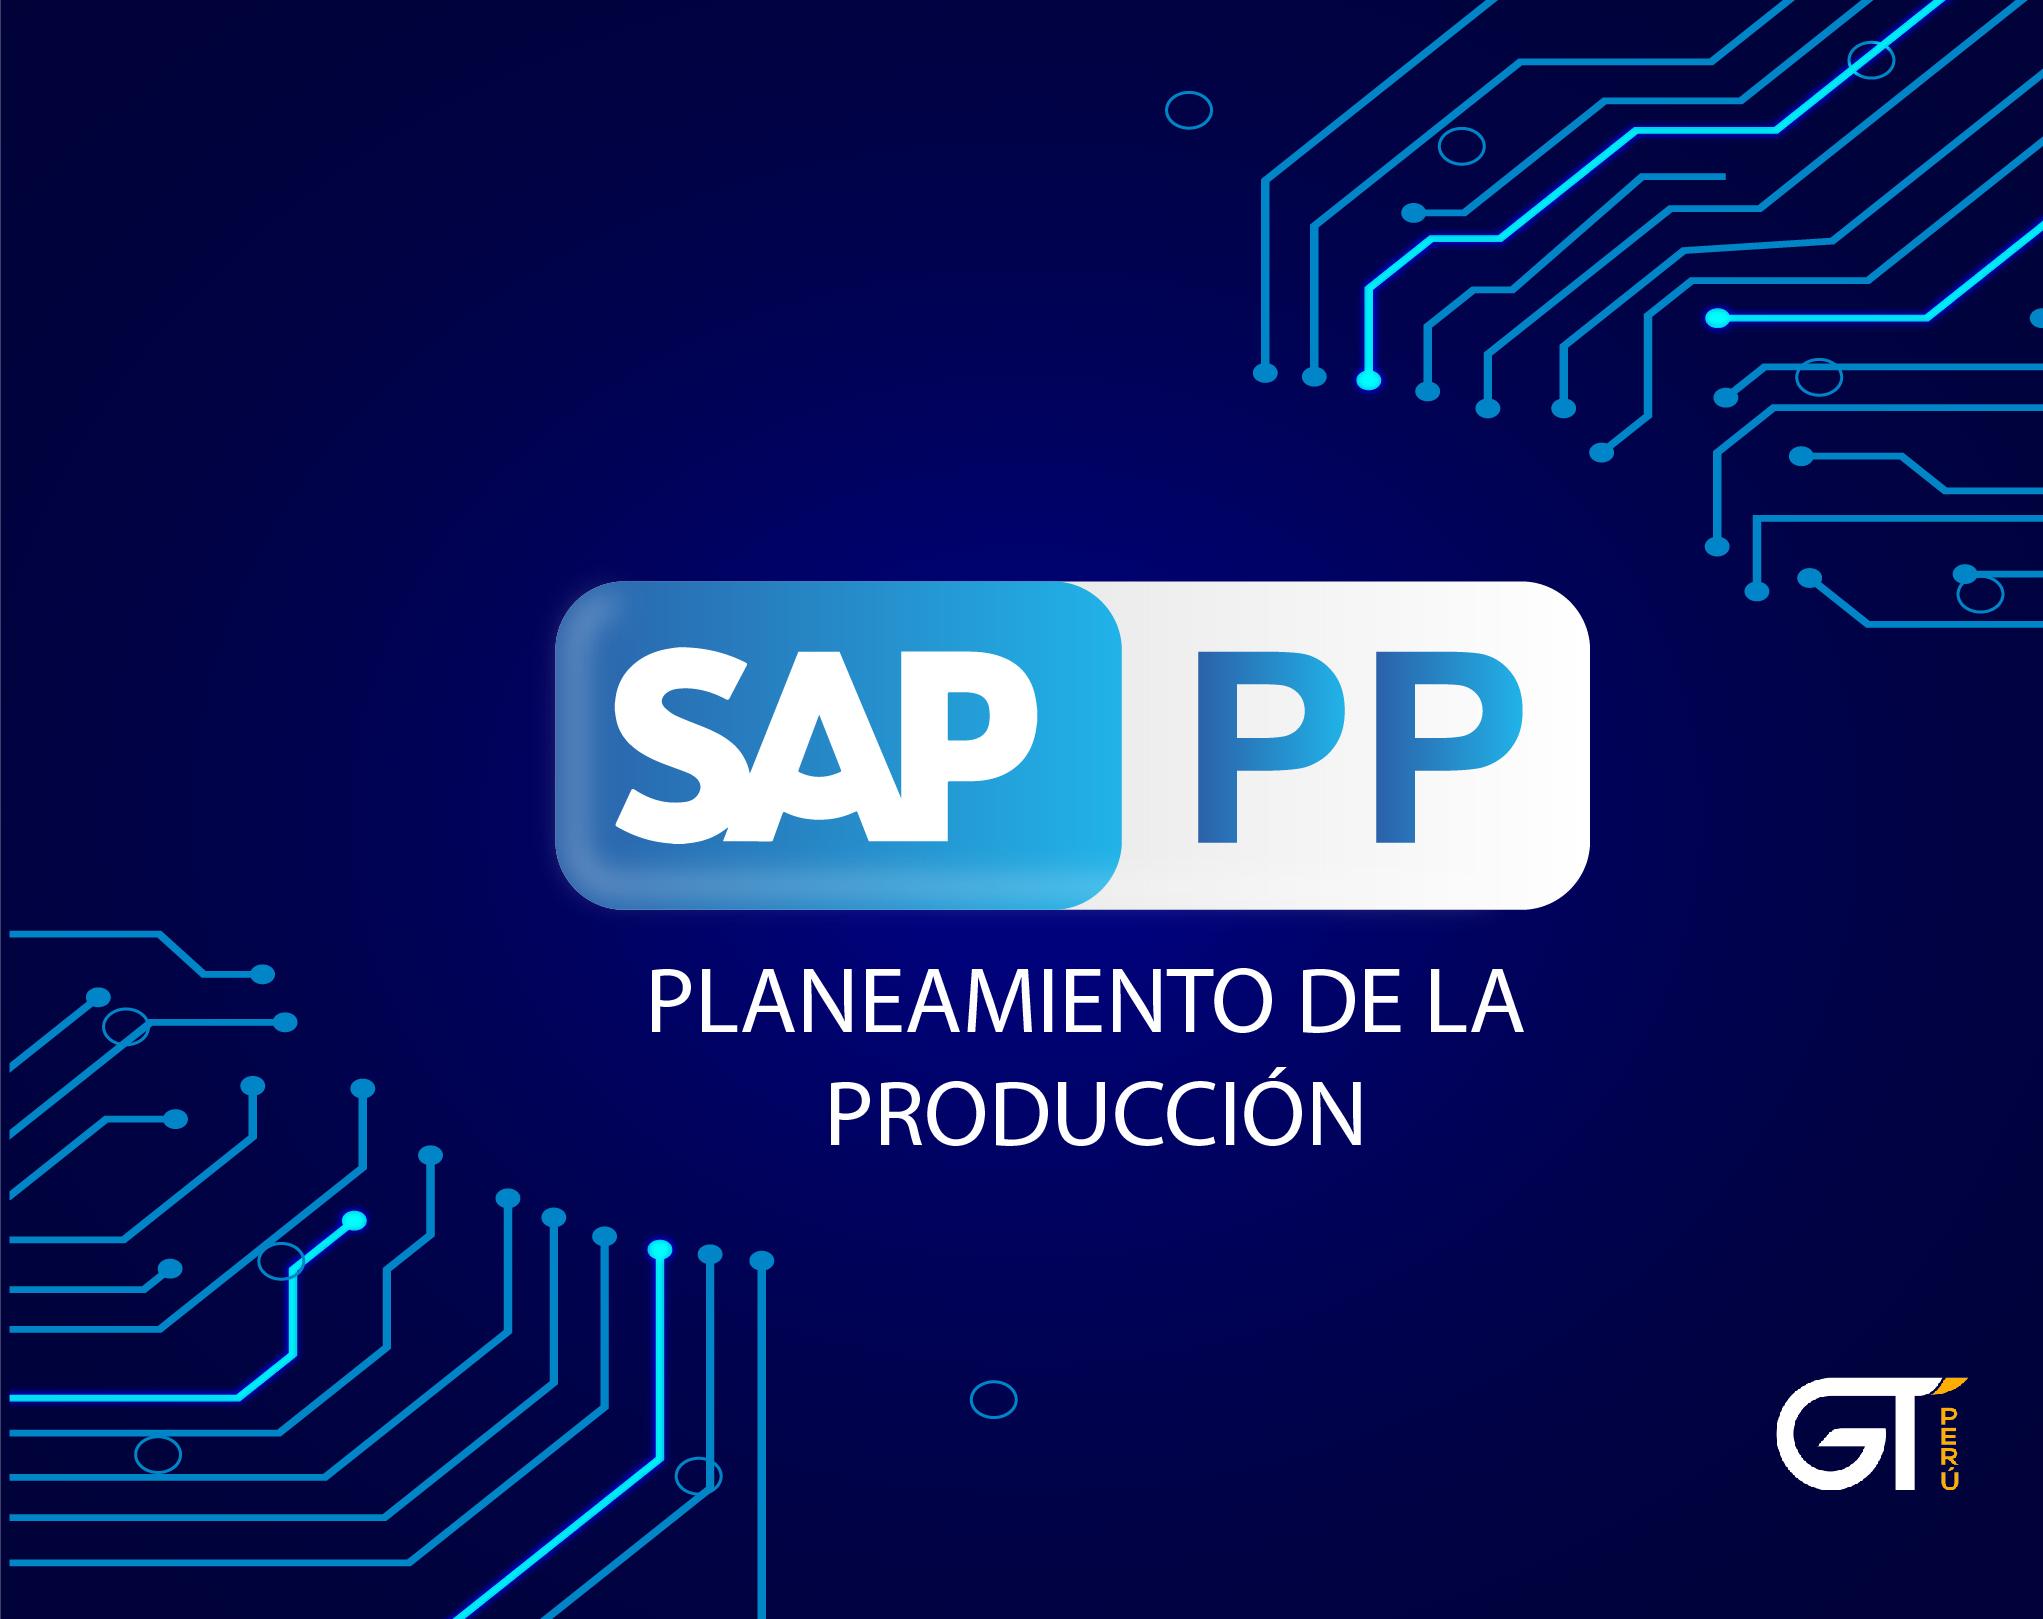 SAP PP